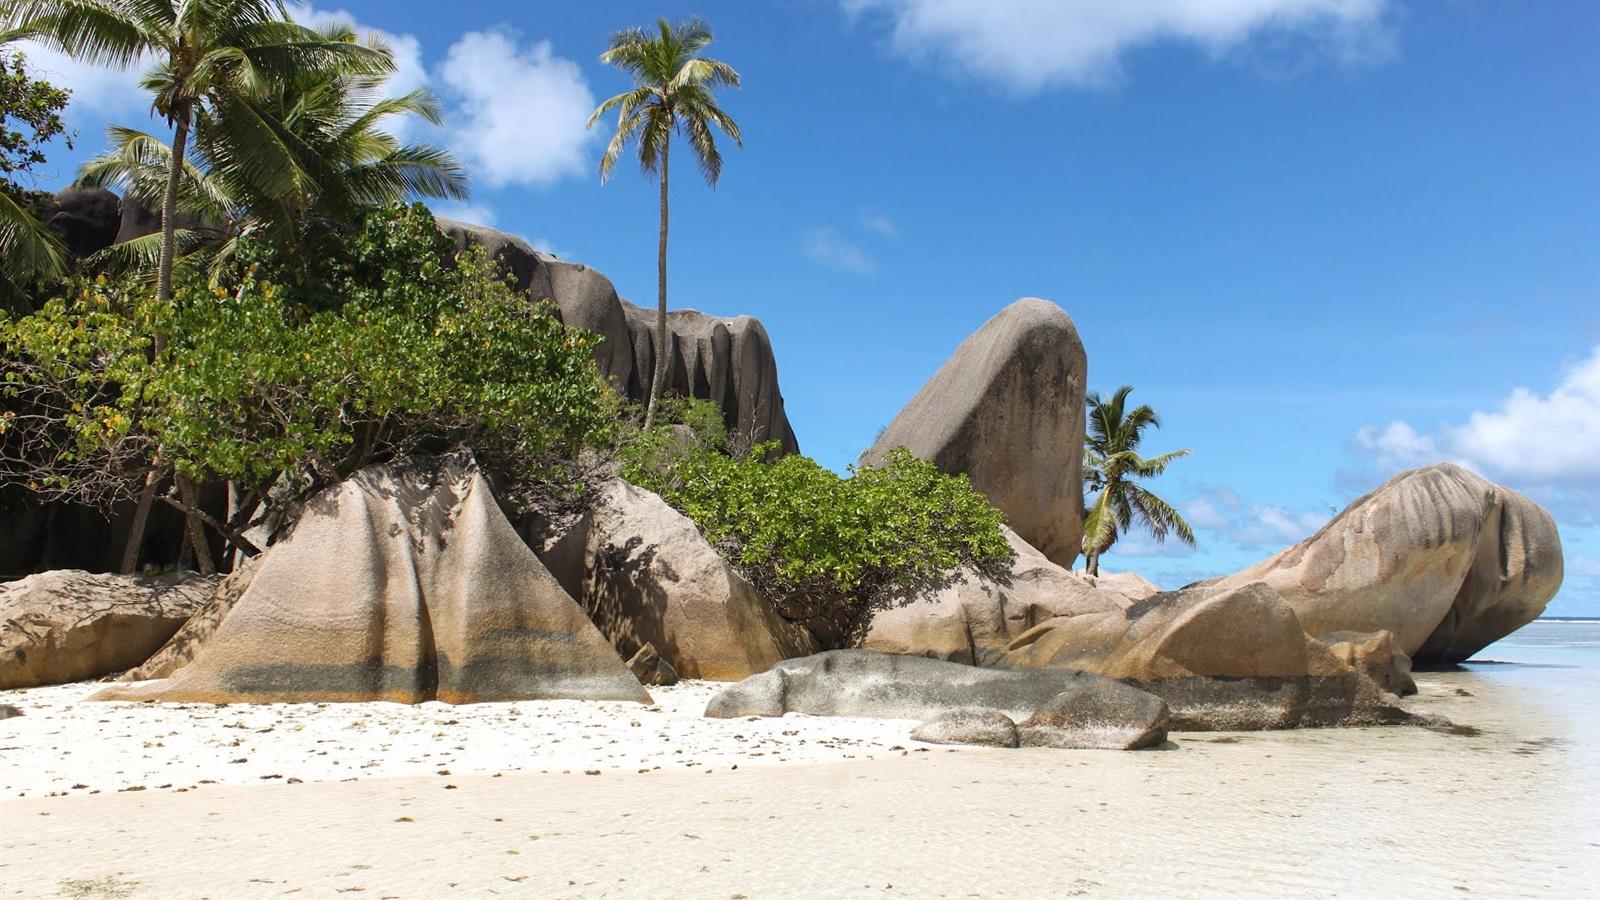 продаже частников фото сейшельских островов на рабочий стол ремню комплекте